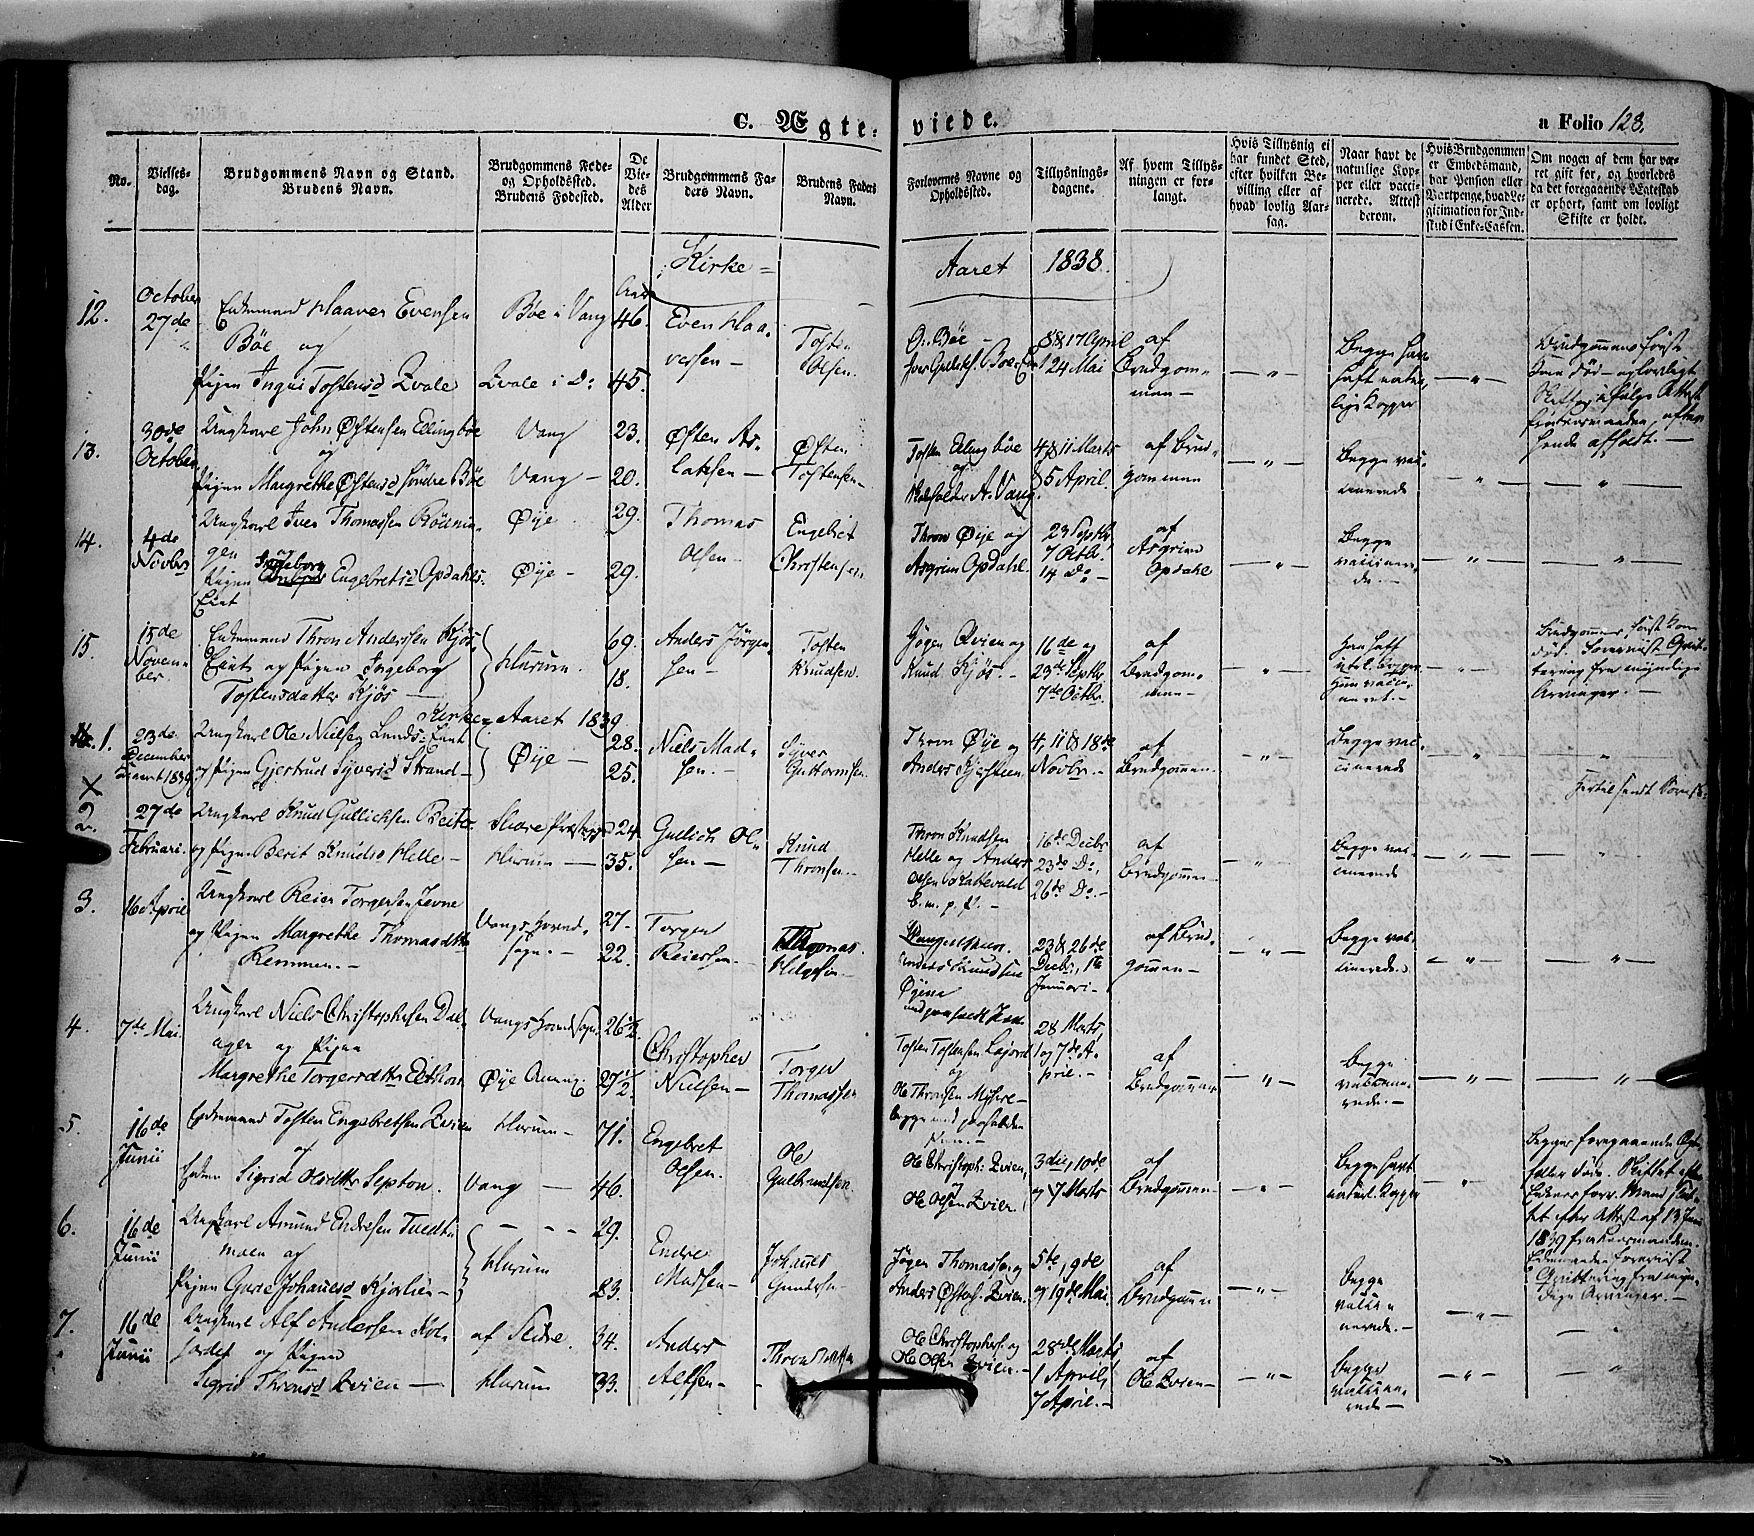 SAH, Vang prestekontor, Valdres, Ministerialbok nr. 5, 1831-1845, s. 128